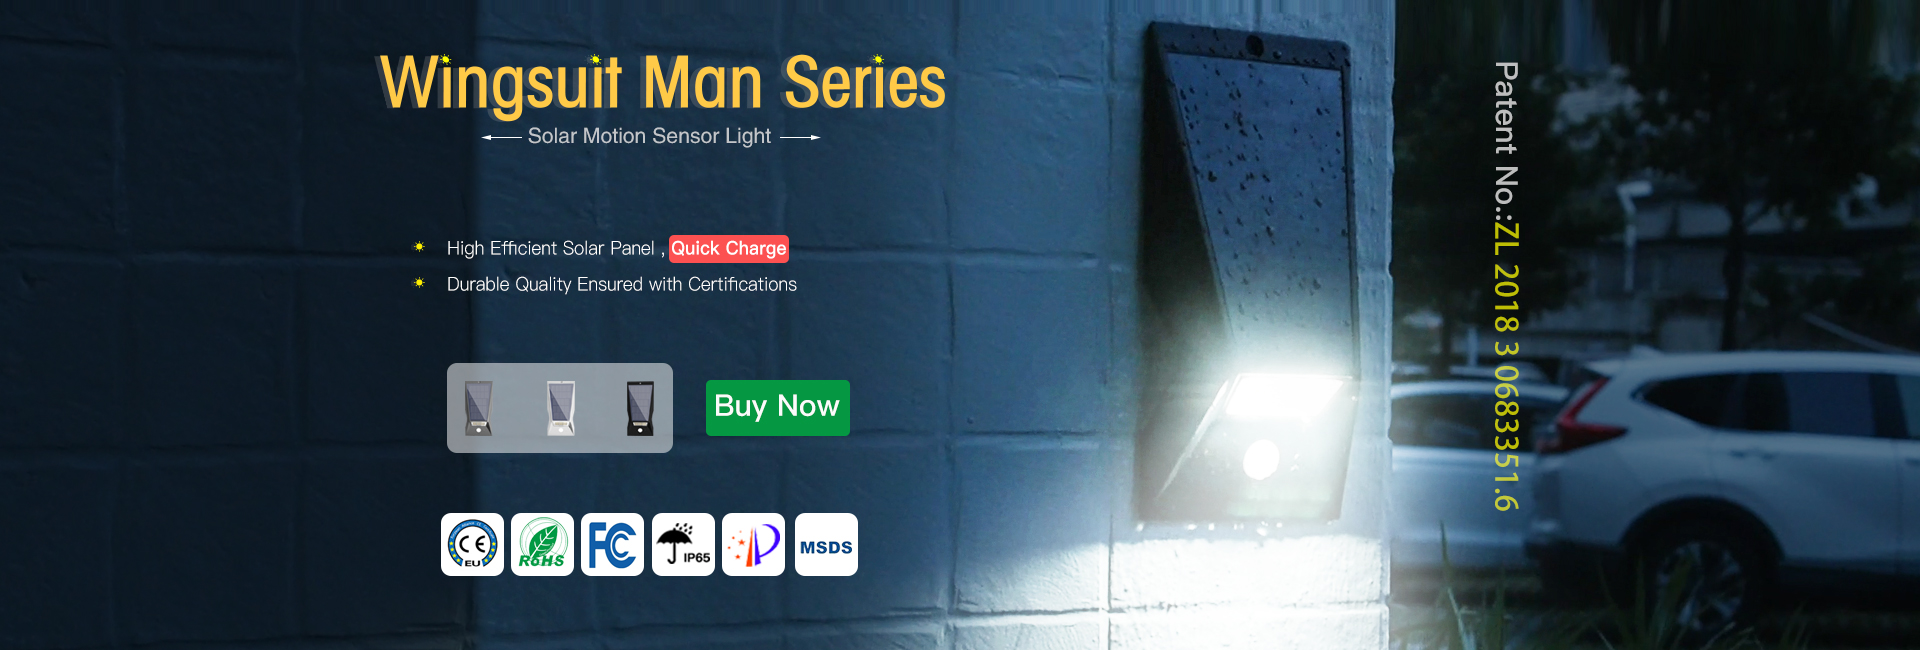 LED 태양 벽 램프, LED 태양 벽 빛, LED 센서 벽 빛, 스마트 LED 태양 광, 유도 벽 빛, 태양은 도어 빛을 주도, 태양 야외 조명, 모션 센서 태양 광, 태양 비상 조명, 태양 정원 벽 조명을 주도